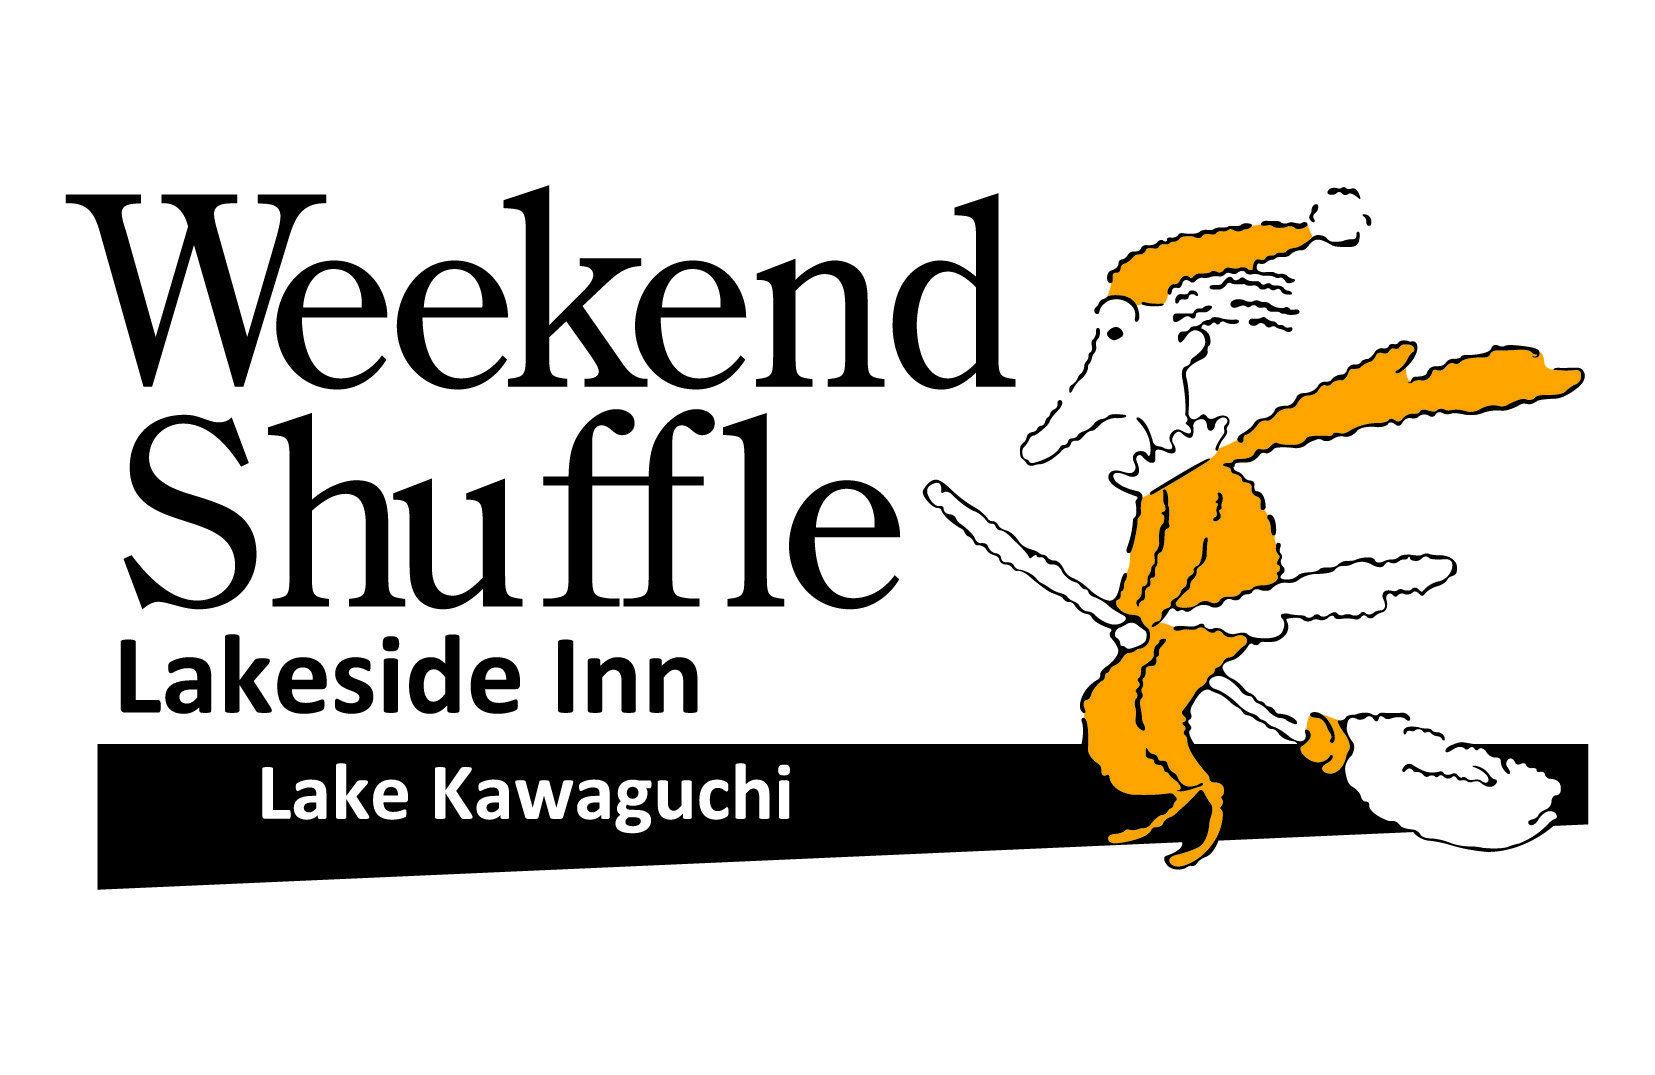 周末沙福尔旅馆